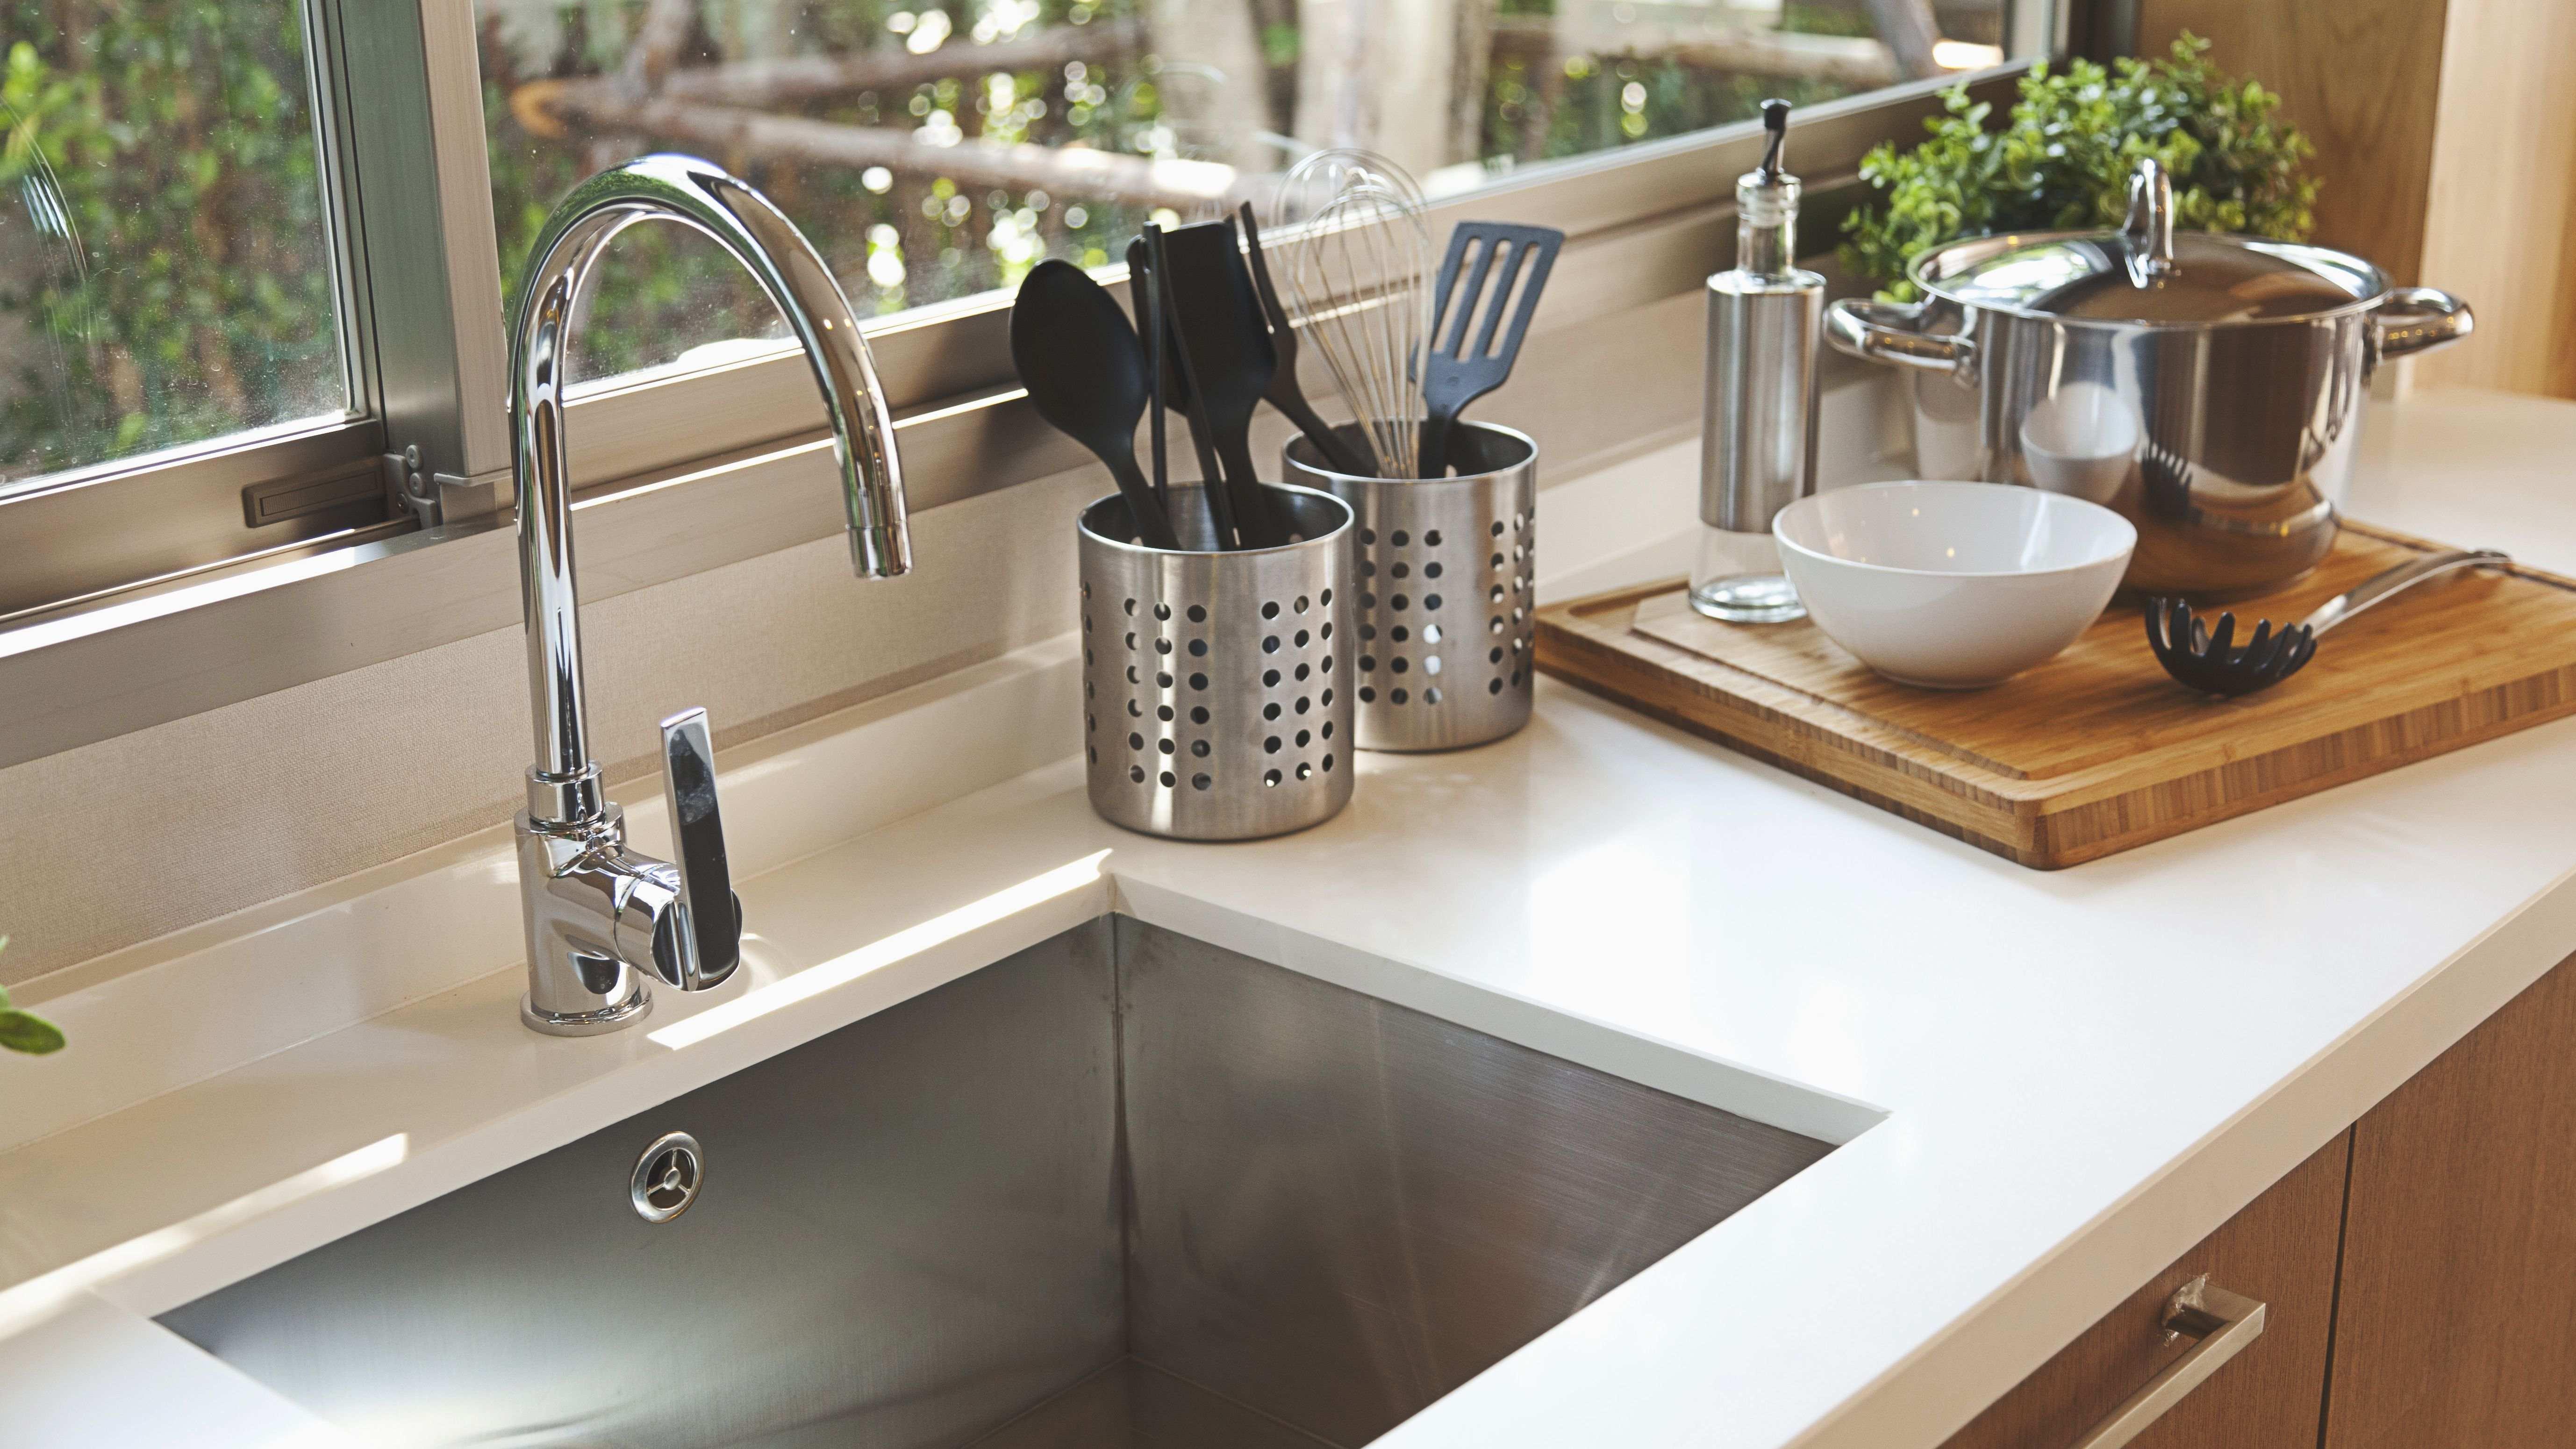 Wie wählt man die Accessoires fürs Küchenspülbecken aus?